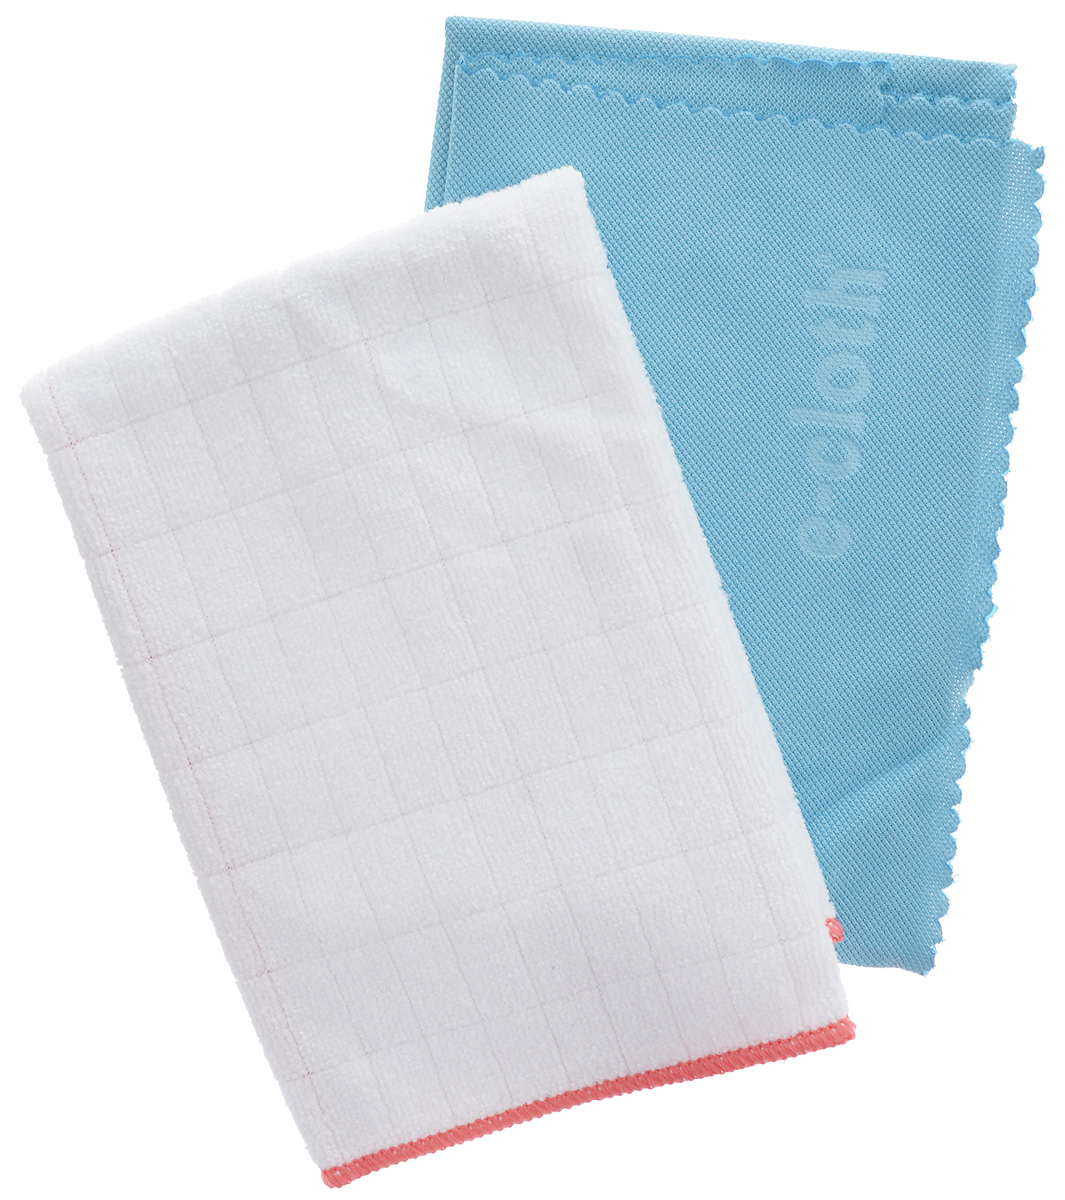 Салфетка E-cloth для полировки и очистки стекла, цвет: белый, голубой, 40 х 50 см + ПОДАРОК: антибактериальная салфеткаBH-UN0502( R)Салфетка E-cloth выполнена из качественного комбинированного материала: полиэстера и полиамида. Используется для очистки и полировки стеклянных, металлических и других твердых поверхностей без использования химических средств. Достаточно лишь смочить салфетку водой для очистки поверхности от жира и других загрязнений. Для полировки и придания блеска используйте сухую салфетку. Не оставляет разводов. Удаляет свыше 99% бактерий. Выдерживает до 300 циклов стирки без потери эффективности.Материал: 80% полиэстер, 20% полиамид.Размер салфетки: 40 х 50 см.В подарок прилагается антибактериальная салфетка (32 х 32 см).